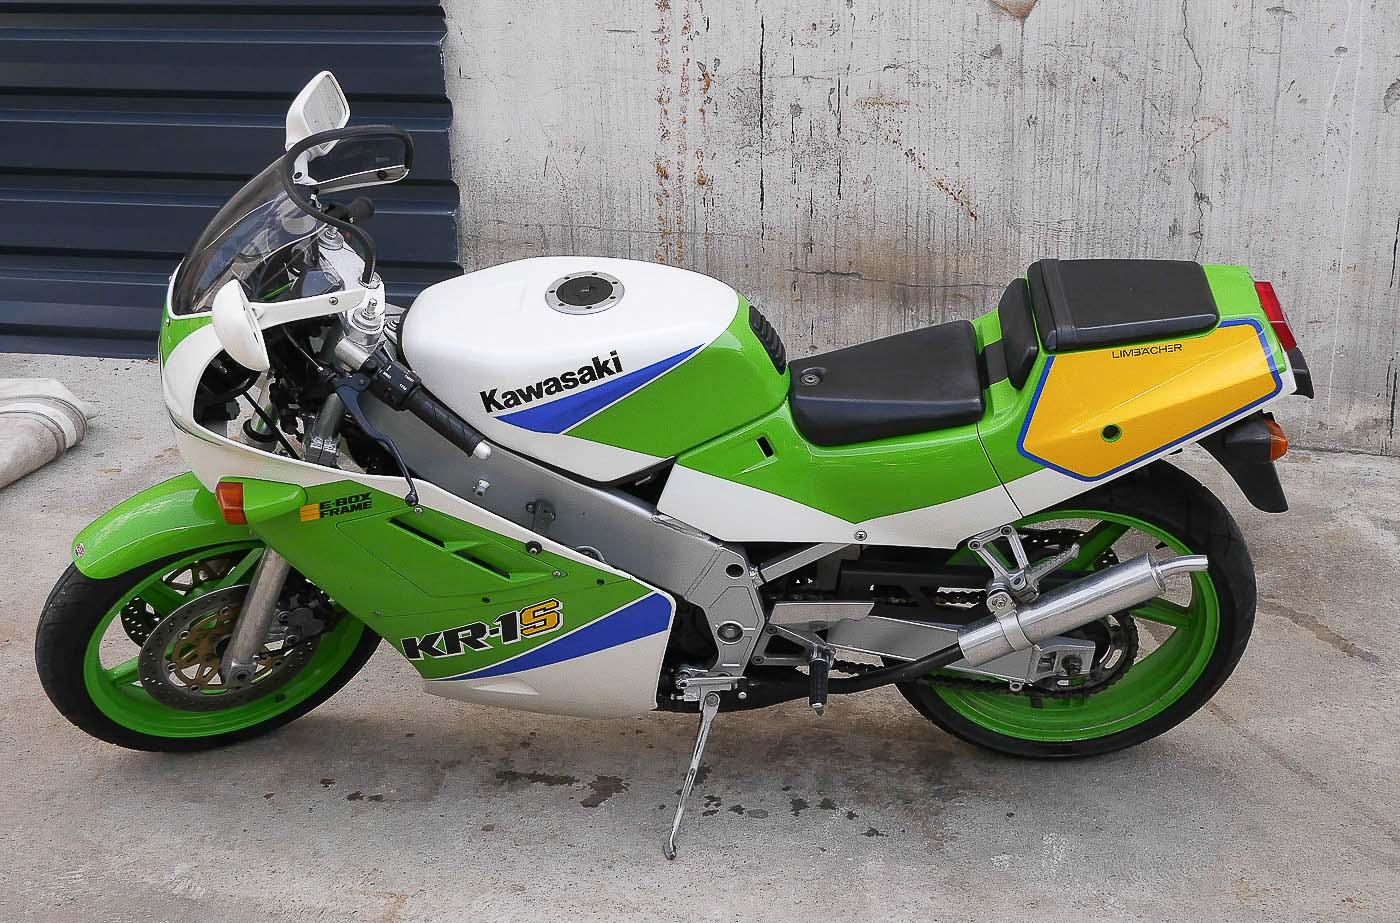 KAWASAKI KR1 (1984-1992)